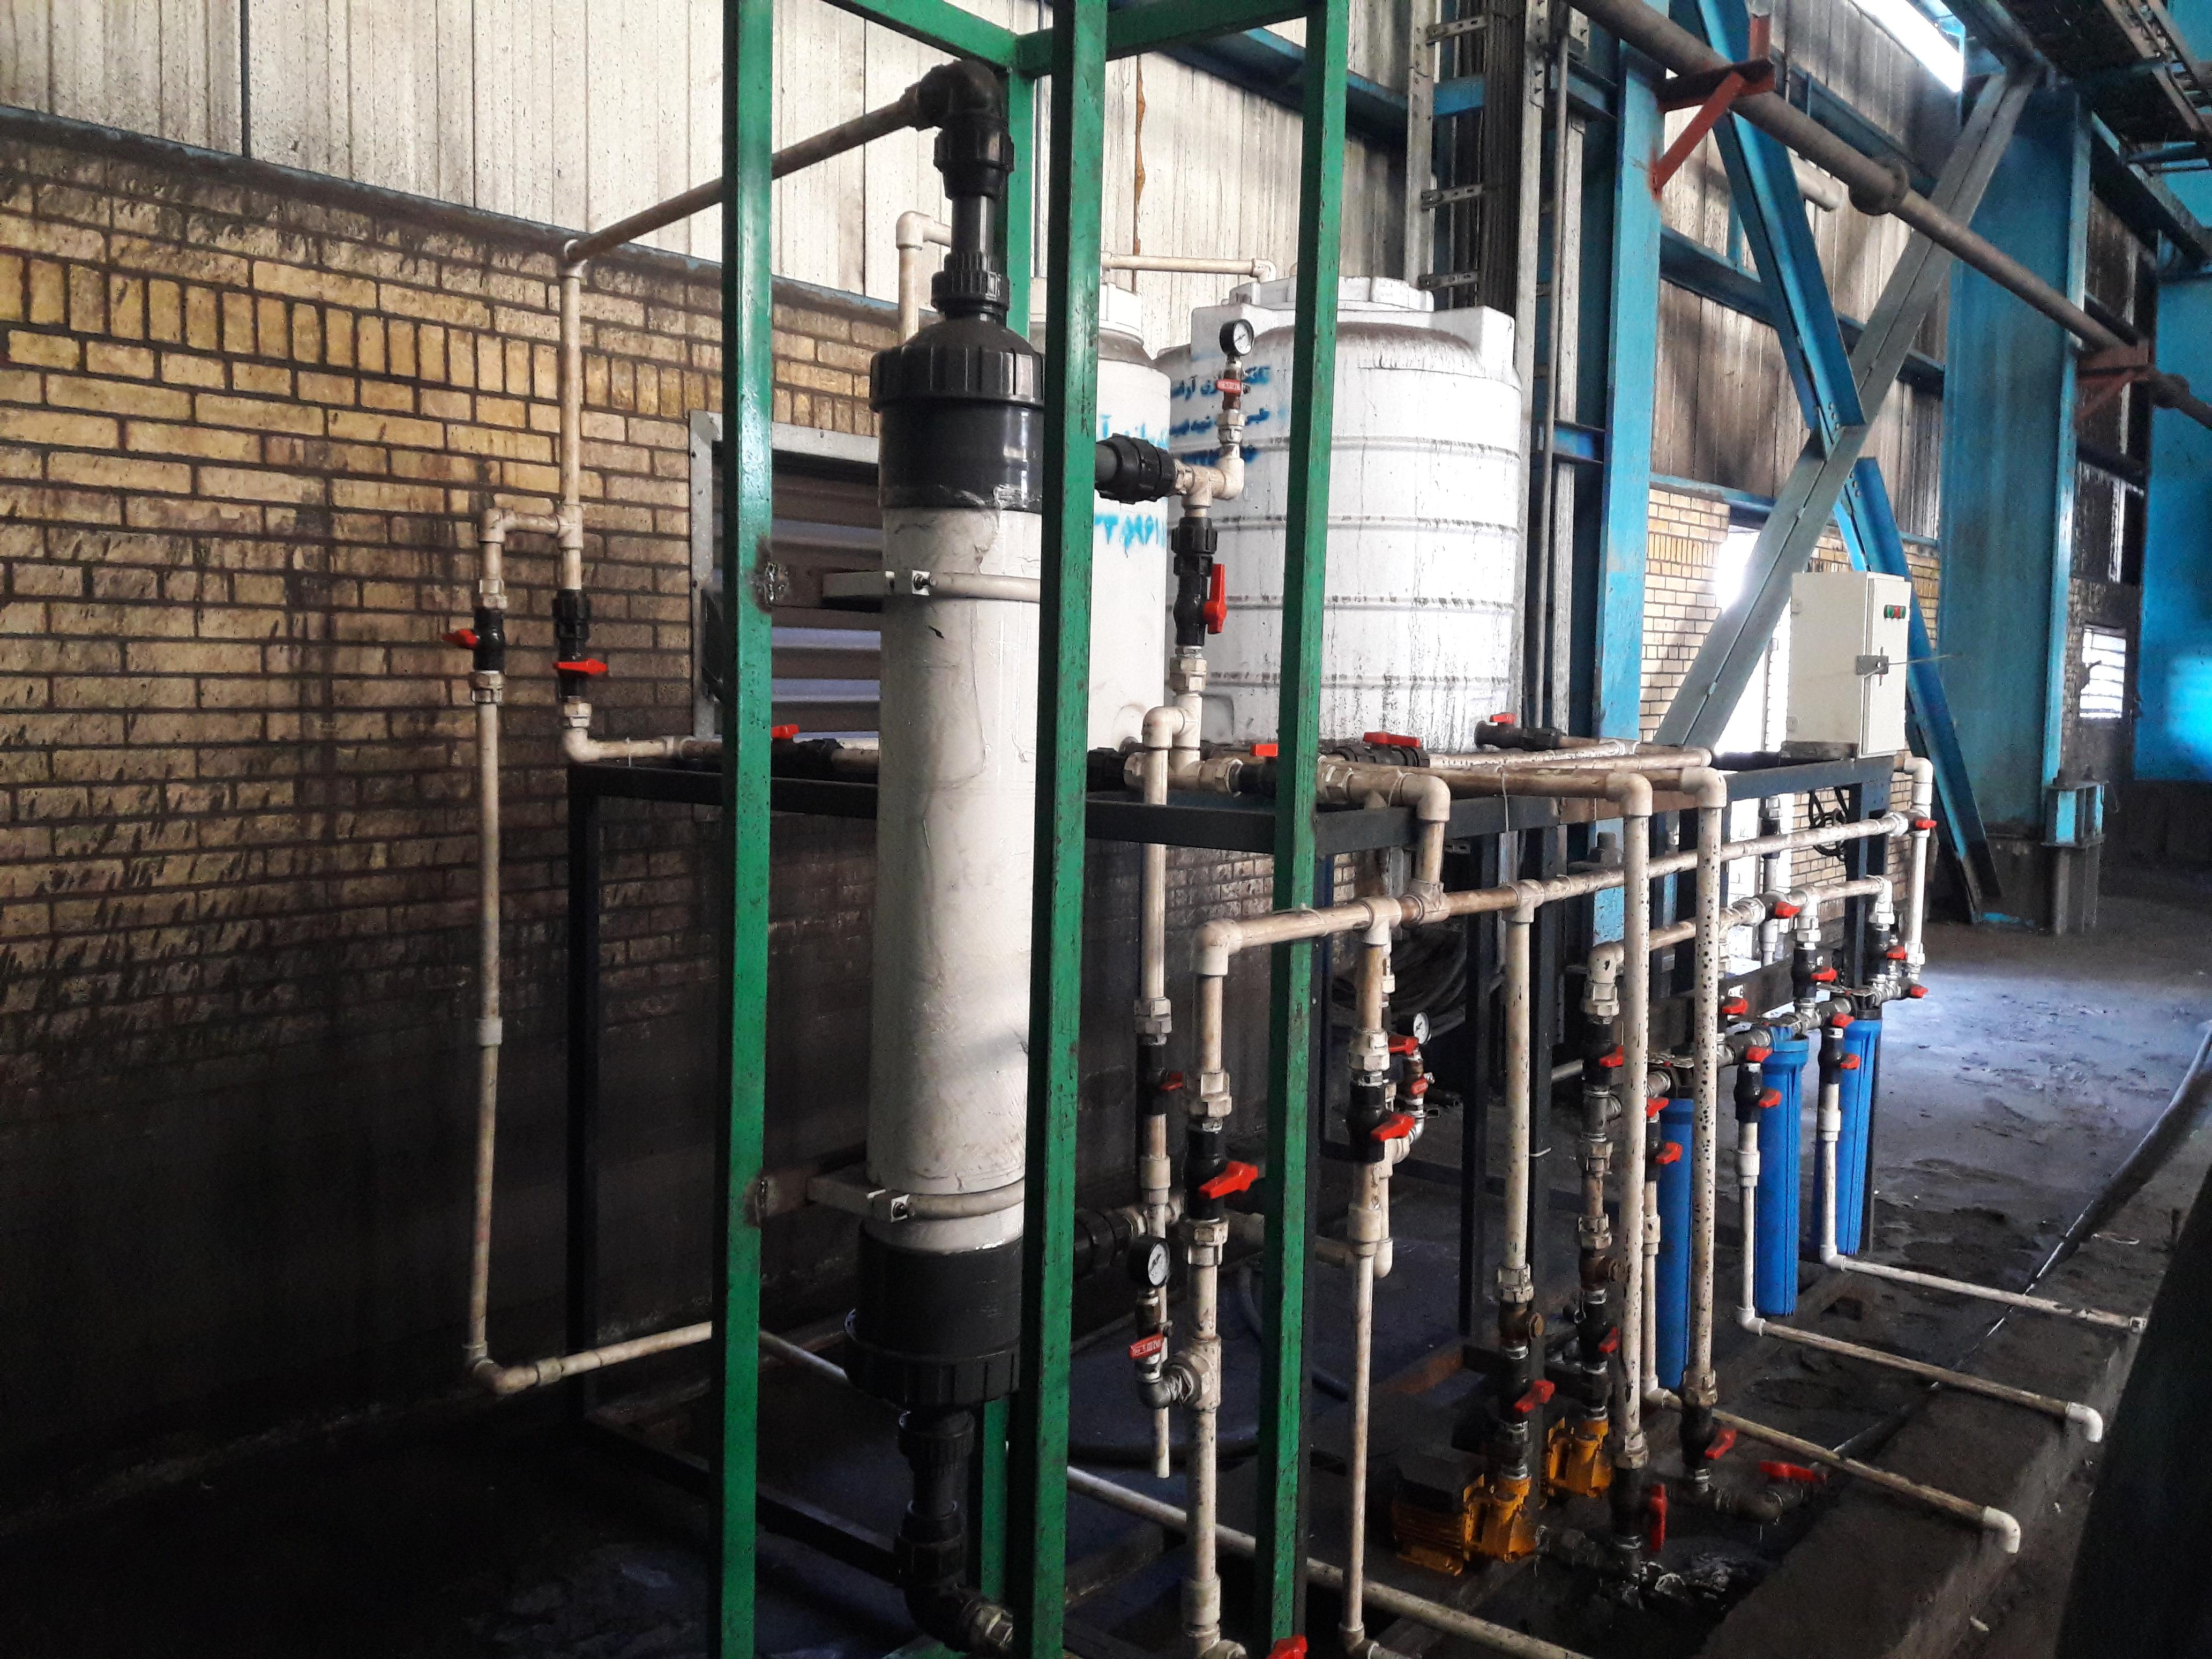 راه اندازی و بهره برداری سیستم حذف فلوکولانت در سایت کارخانه زغالشویی پروده طبس